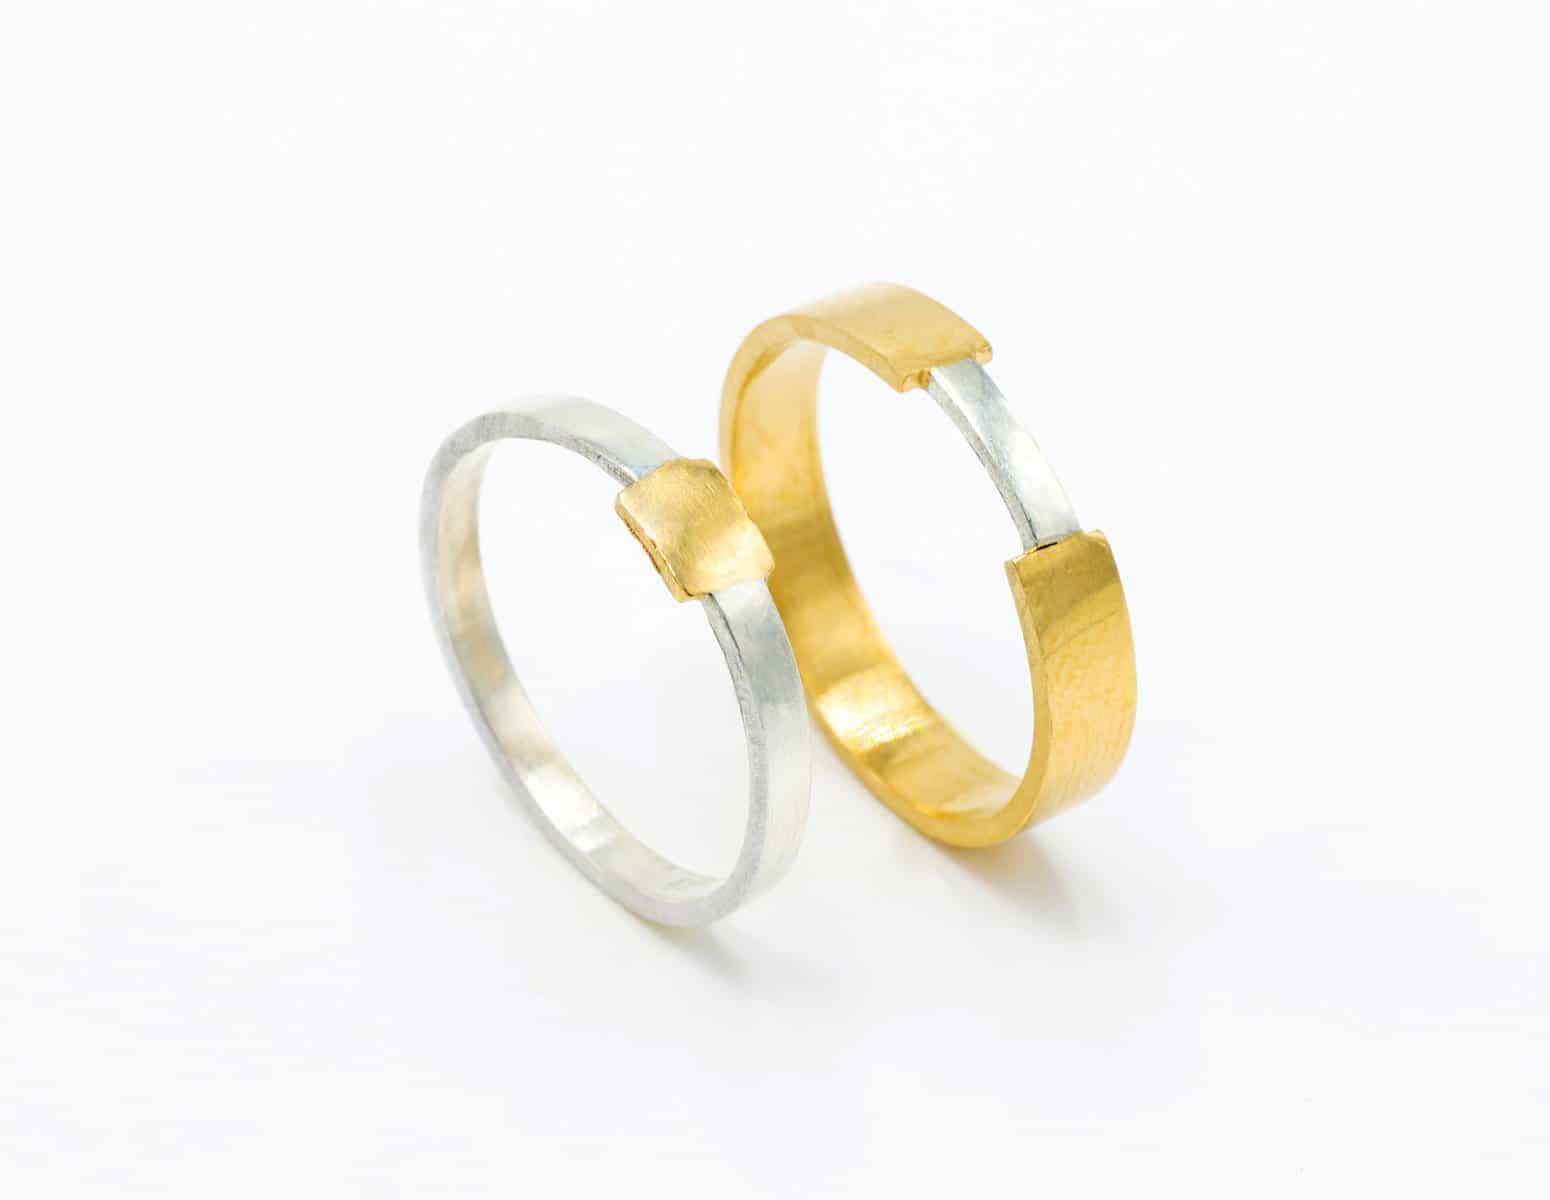 Alianzas de boda con oro justo Fairmined intercambiados